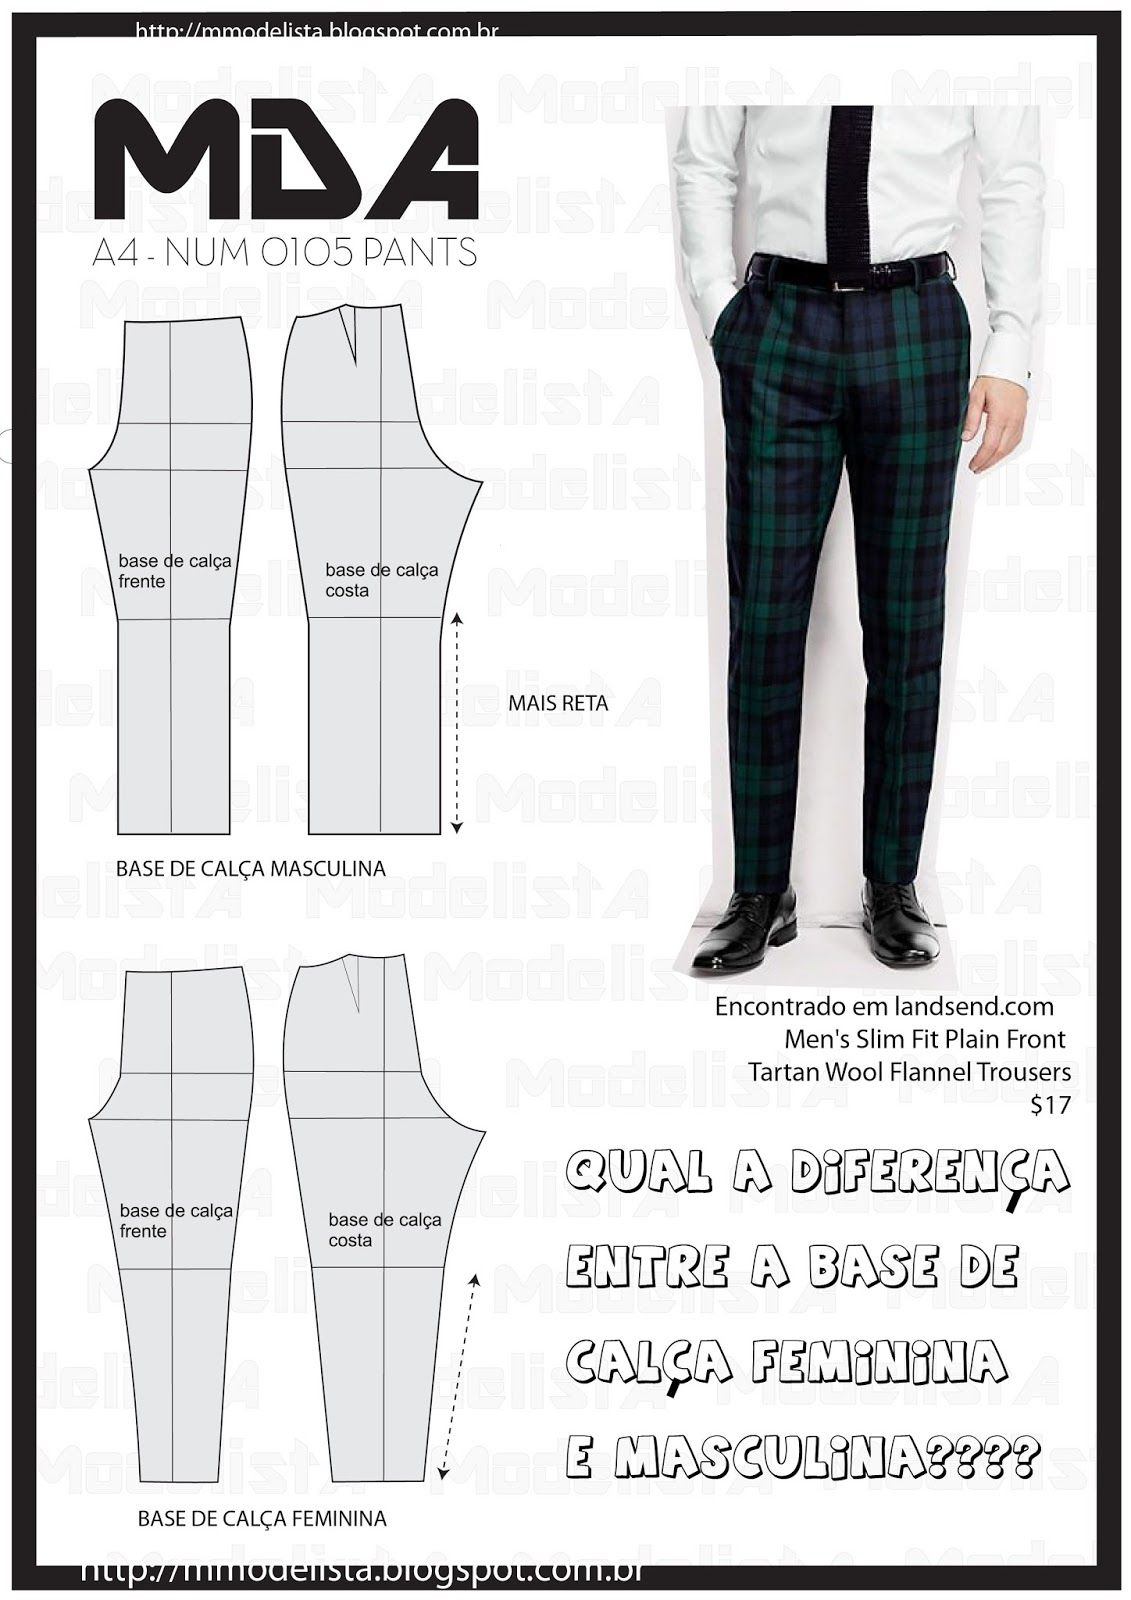 A4 NUM 0105 PANTS | Nähen für männer, für Männer und Zubehör